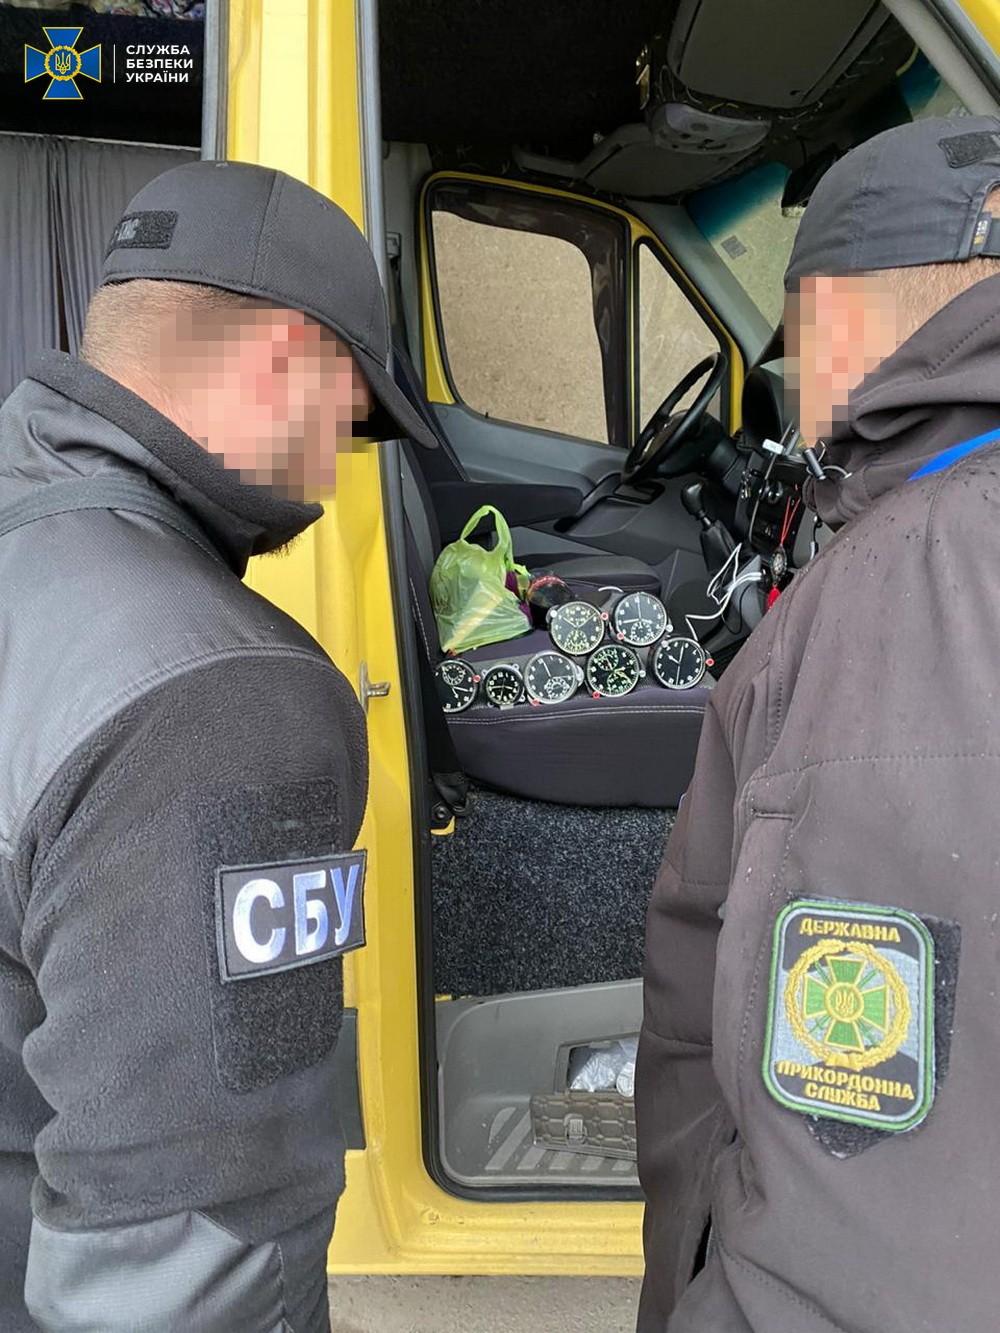 Служба безпеки України попередила незаконне переміщення через митний кордон товарів подвійного призначення, що підлягають обов'язковому експортному контролю.